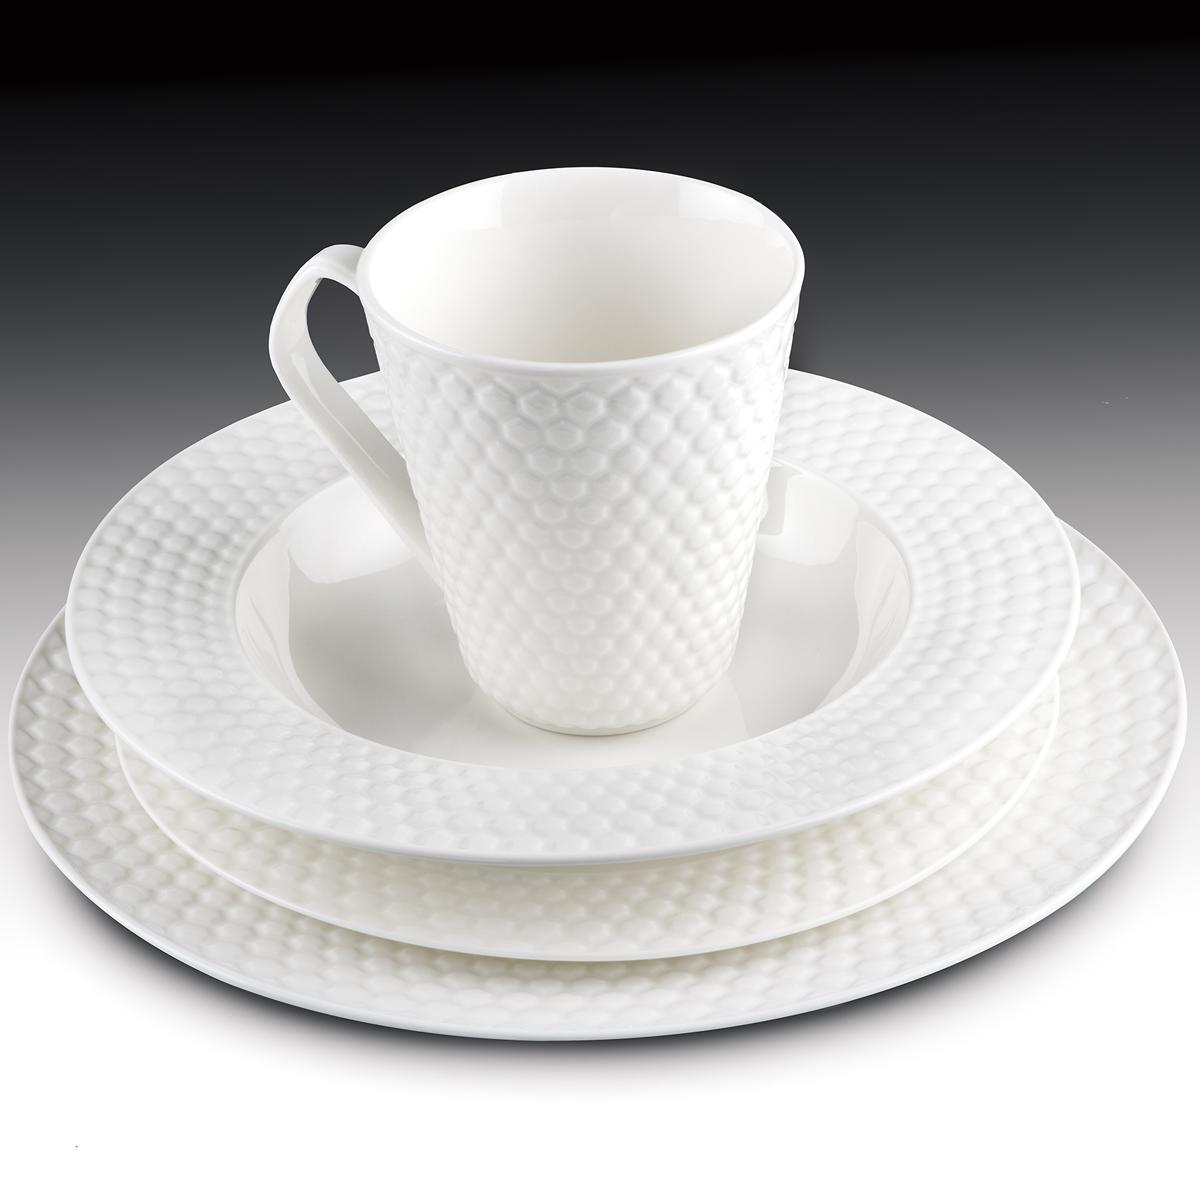 ... 16-Piece Set Porcelain Dinnerware - Chailles Collection  sc 1 st  Cuisinart & 16-Piece Set Porcelain Dinnerware - Chailles Collection | Cuisinart